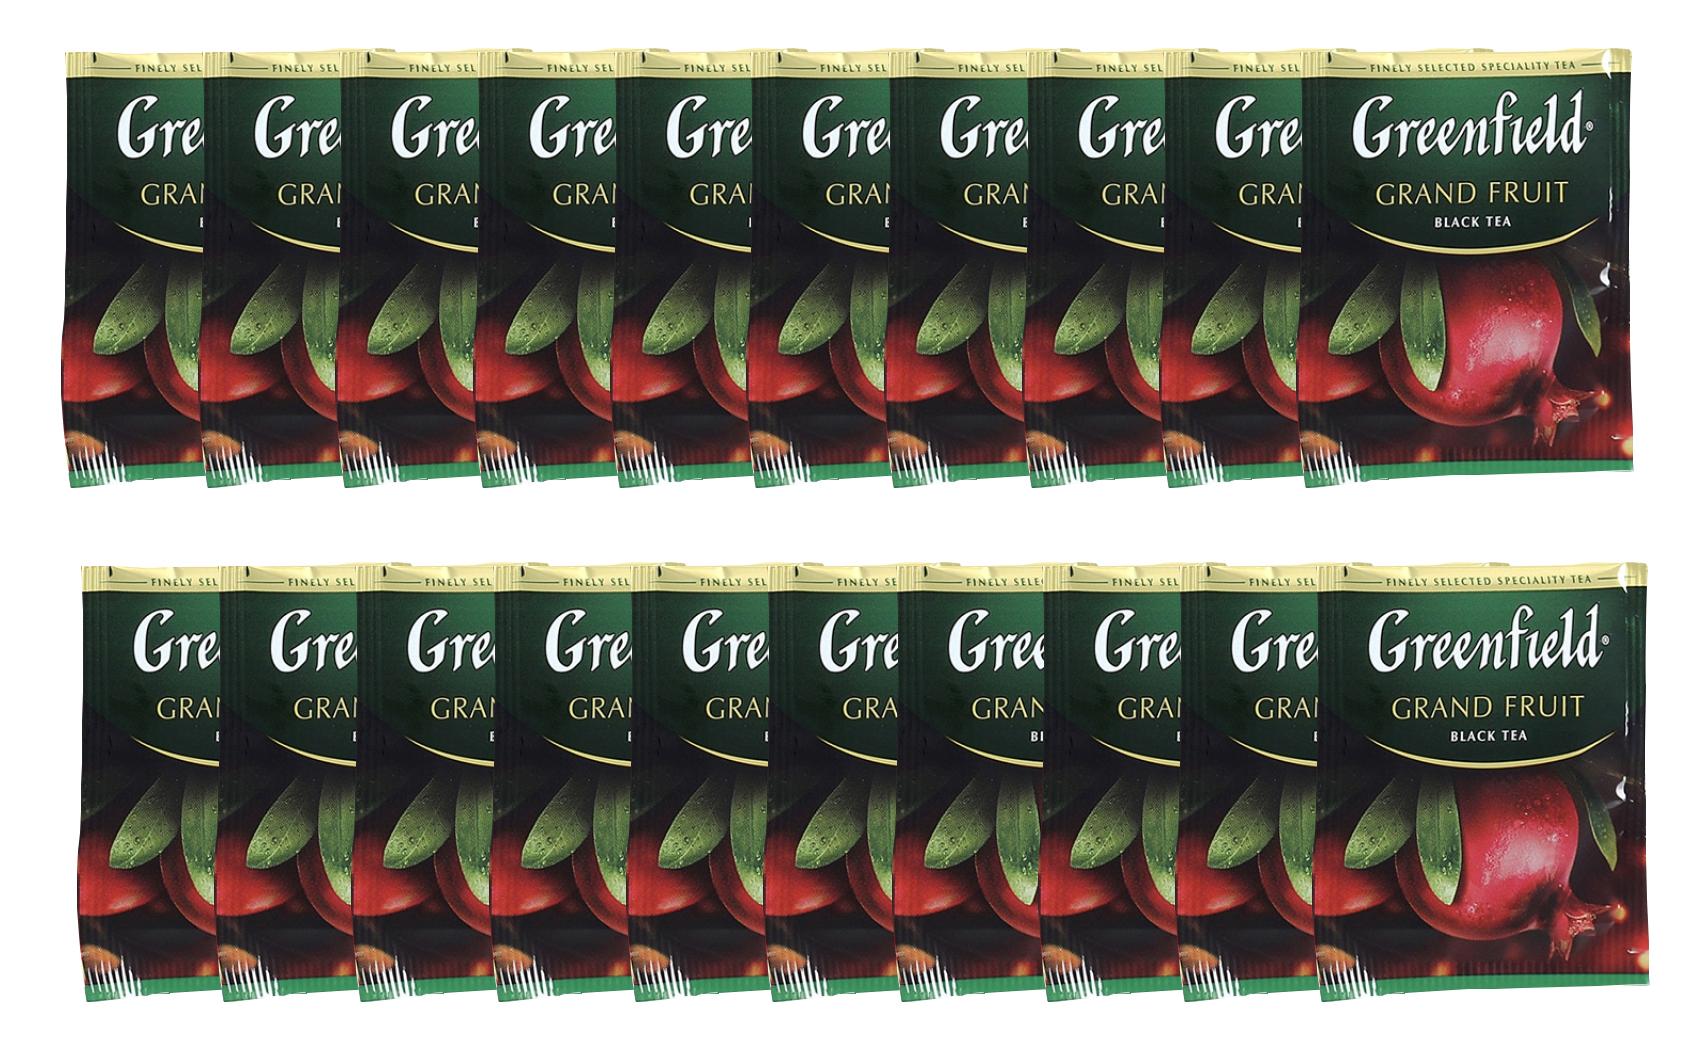 Чай черный ароматизированный Grand Fruit 100пак. по 2гр., термосаше, в пакете Greenfield - фото 2